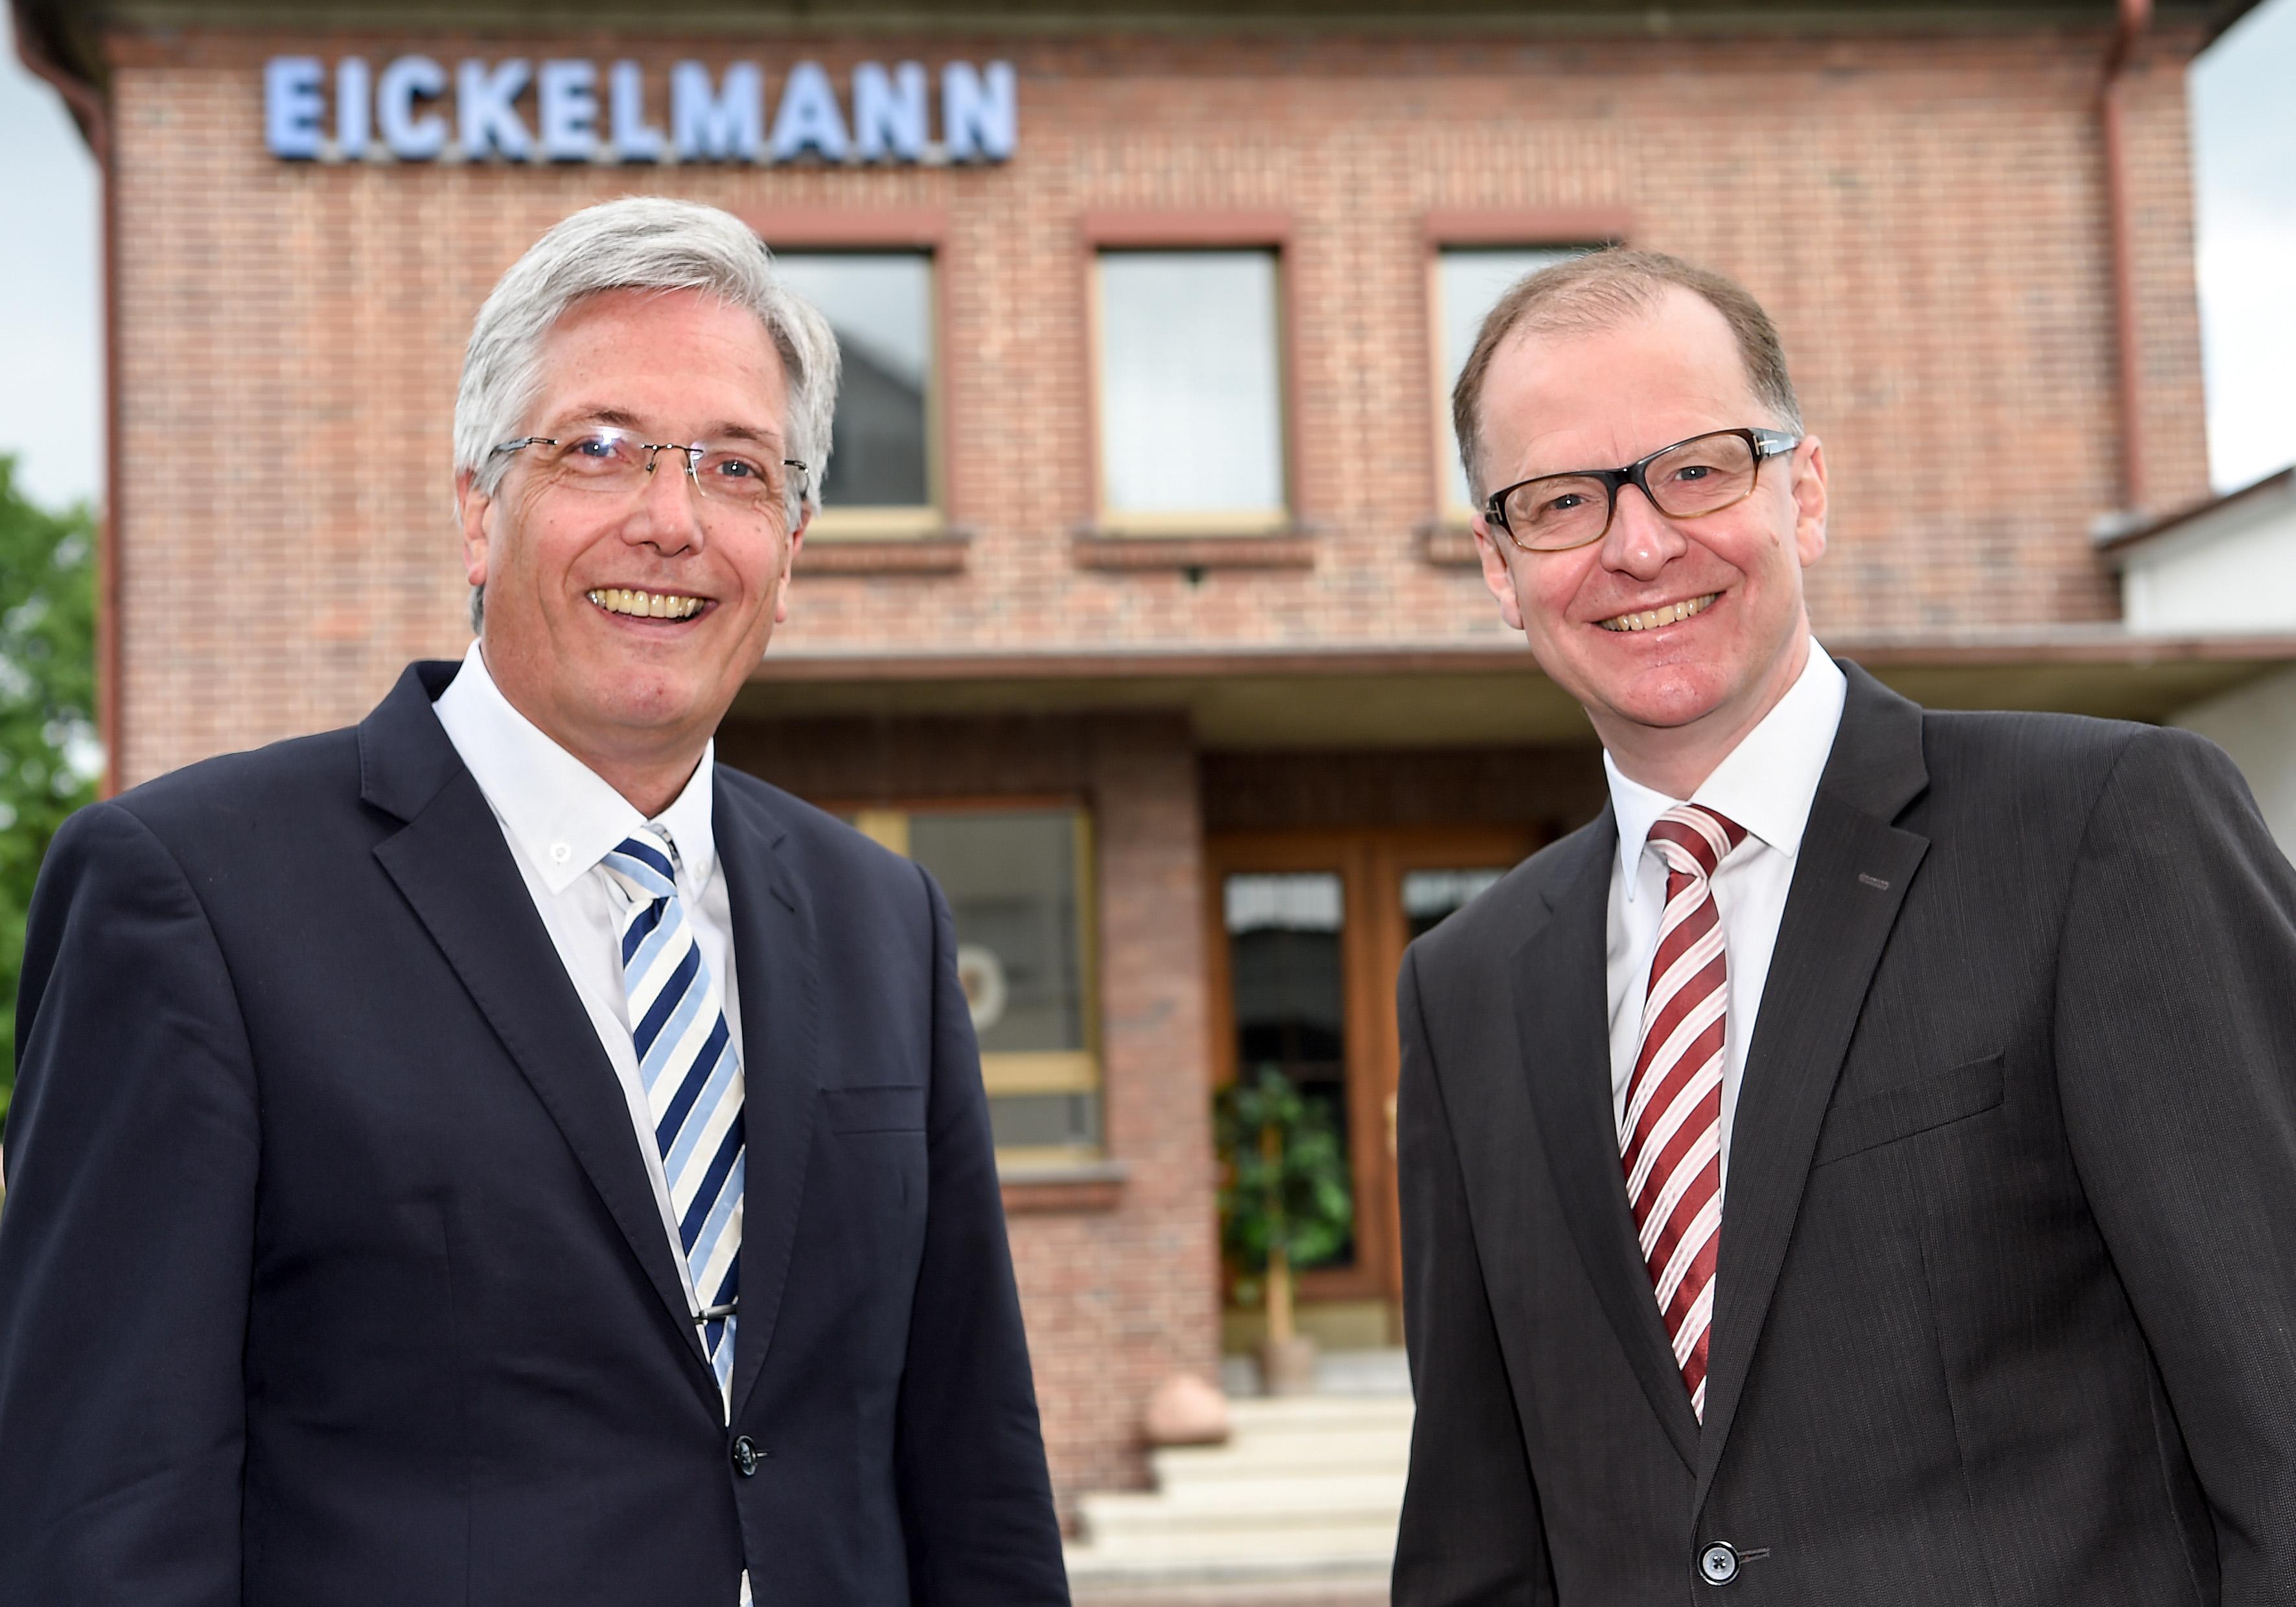 Erfolgreiche Unternehmensnachfolge bei EICKELIT - Jürgen Eickelmann und Dr. Martin Strampfer (v.l.) (Foto: Christian Weische)